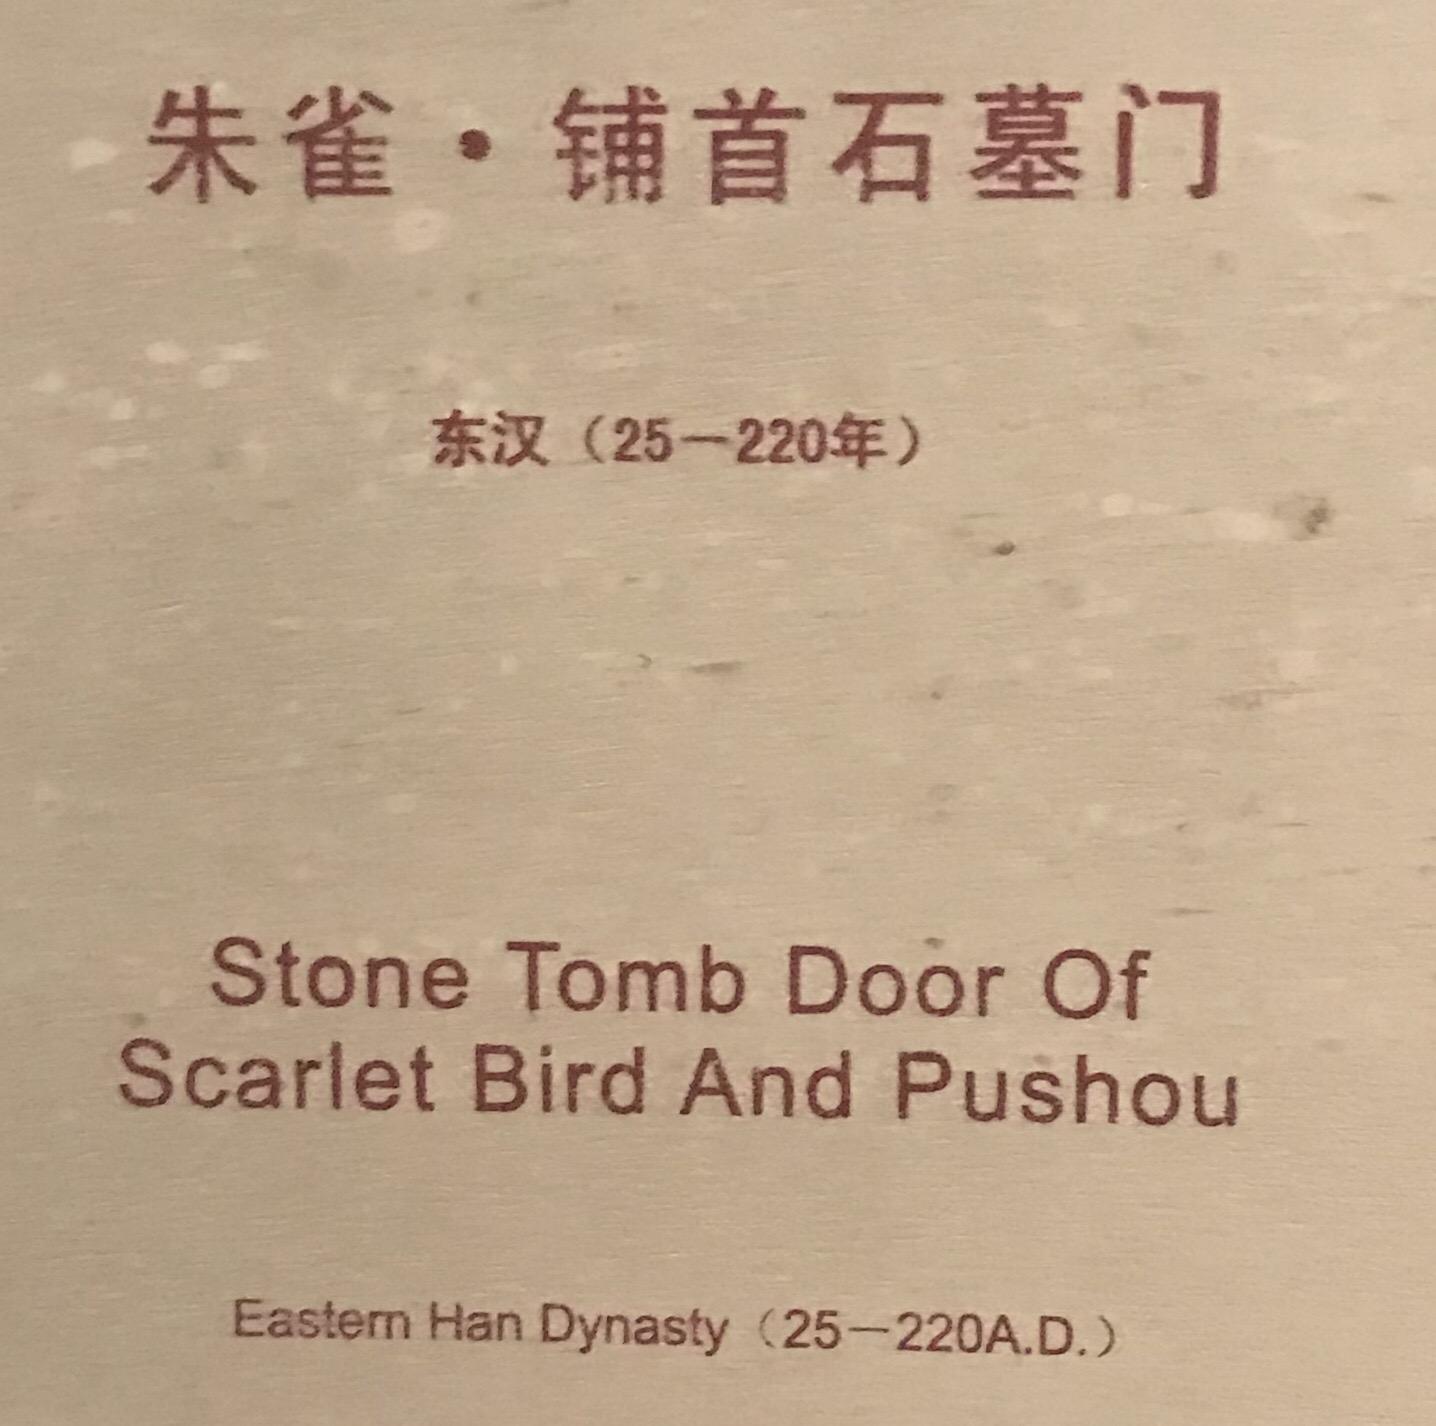 朱雀・鋪首石墓門3-東漢-四川漢代陶石芸術館-四川博物院-成都